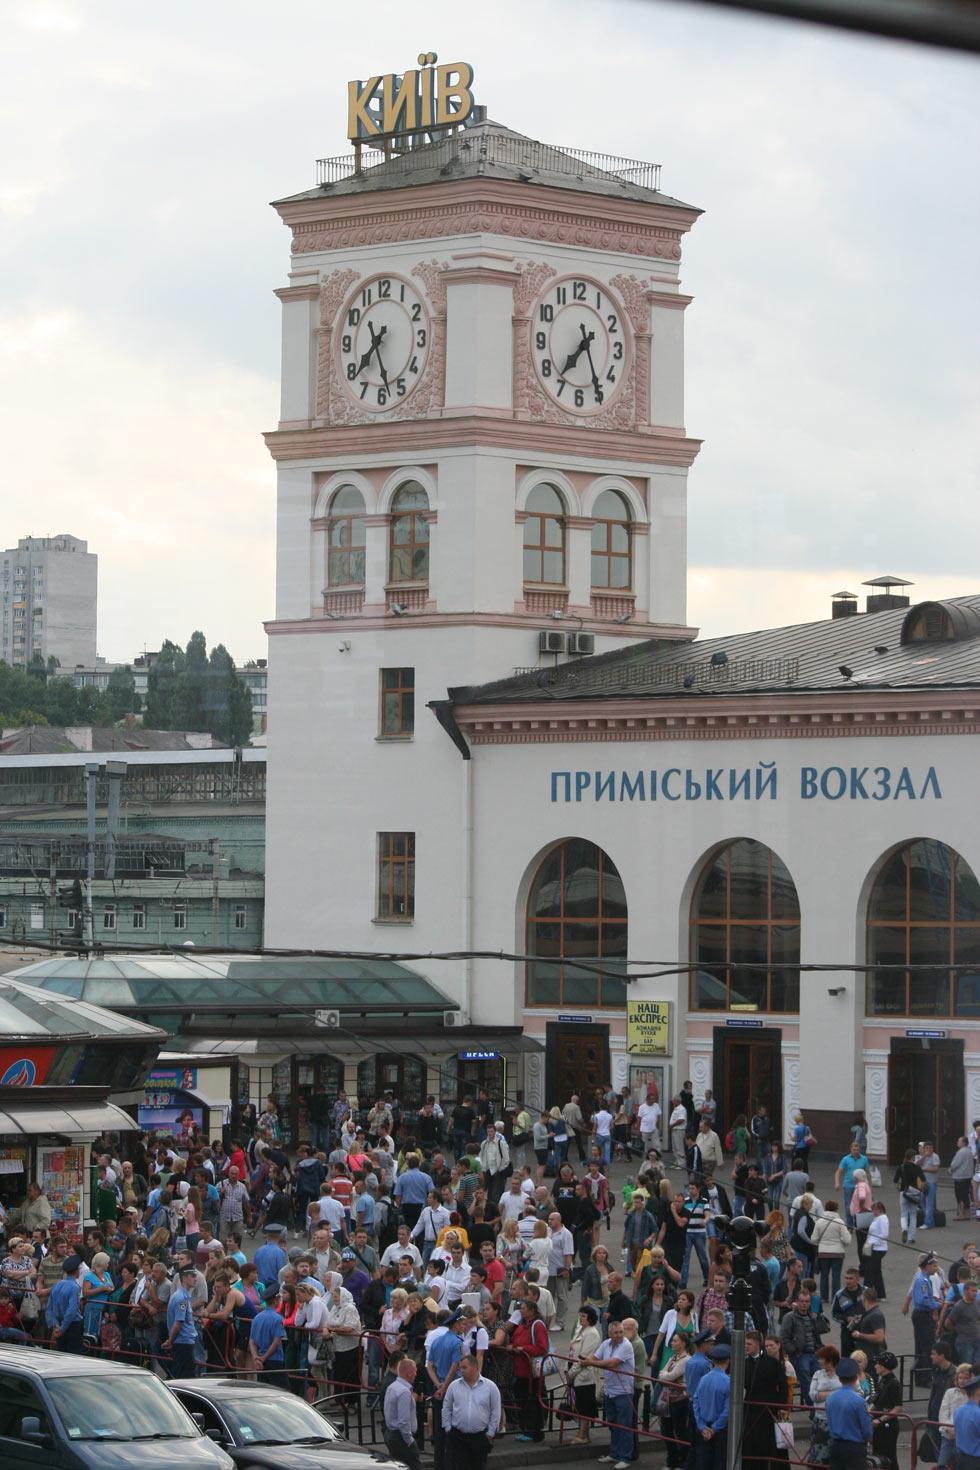 ПАТРИАРХ КИРИЛЛ, КИЕВ, ФОТО, APASSIONATA, 1025 ЛЕТ КРЕЩЕНИЯ РУСИ, 5841